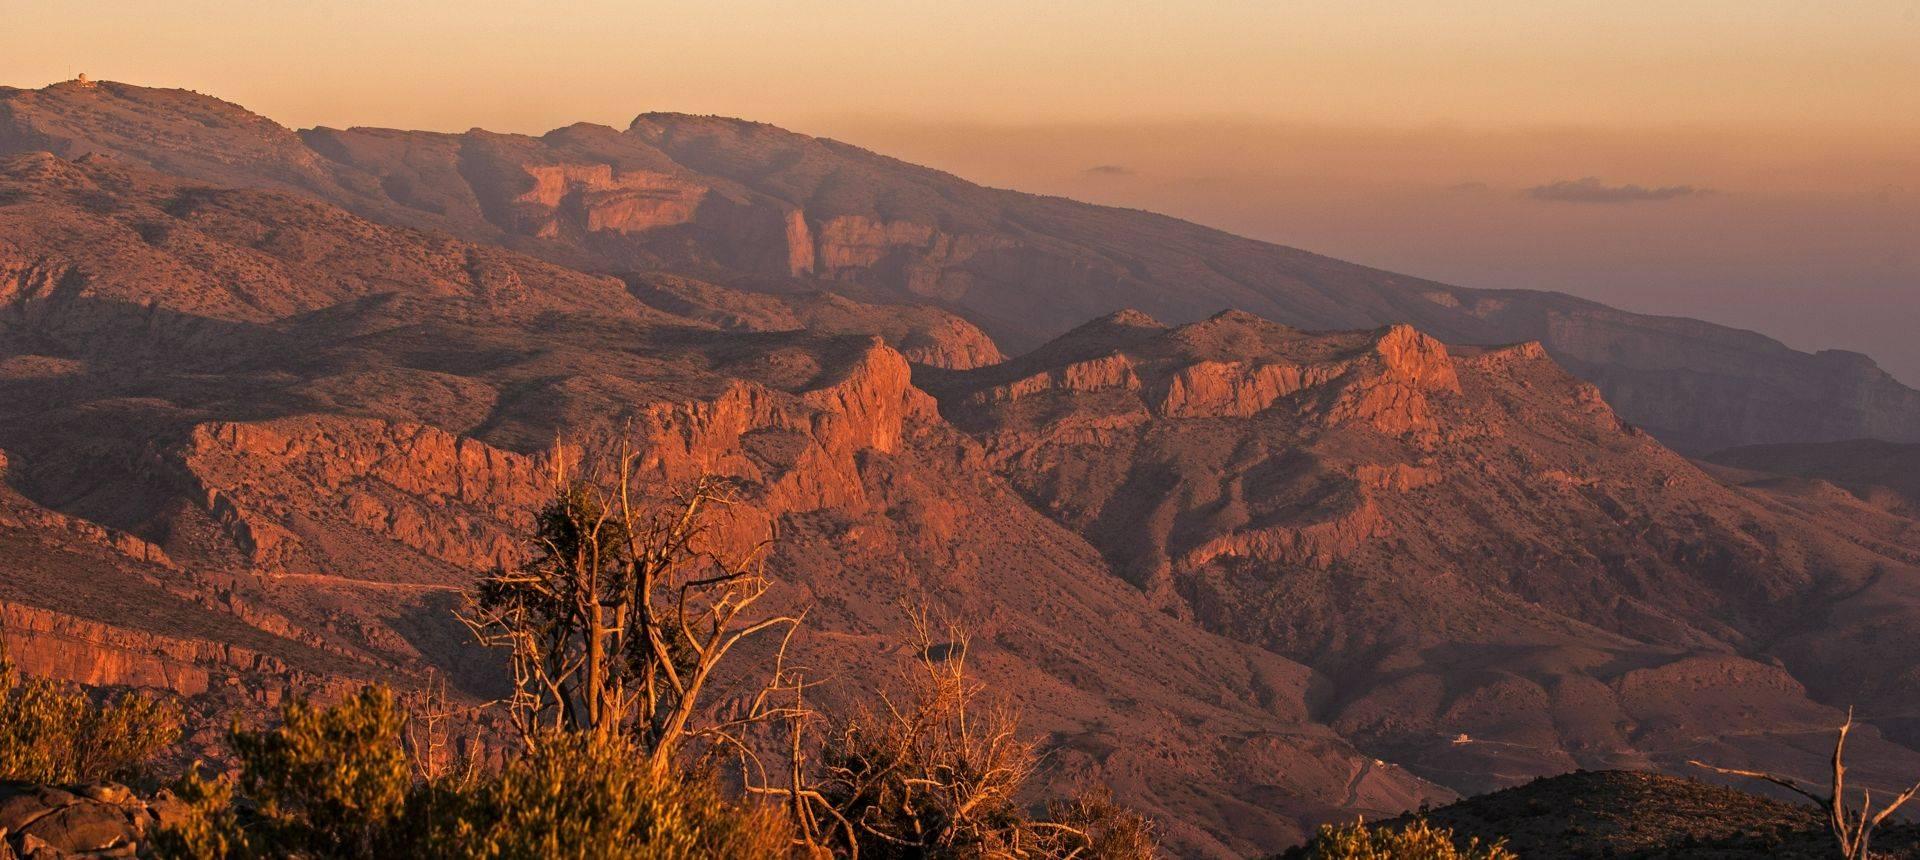 Al Hajar Mountains Oman Shutterstock 359910872